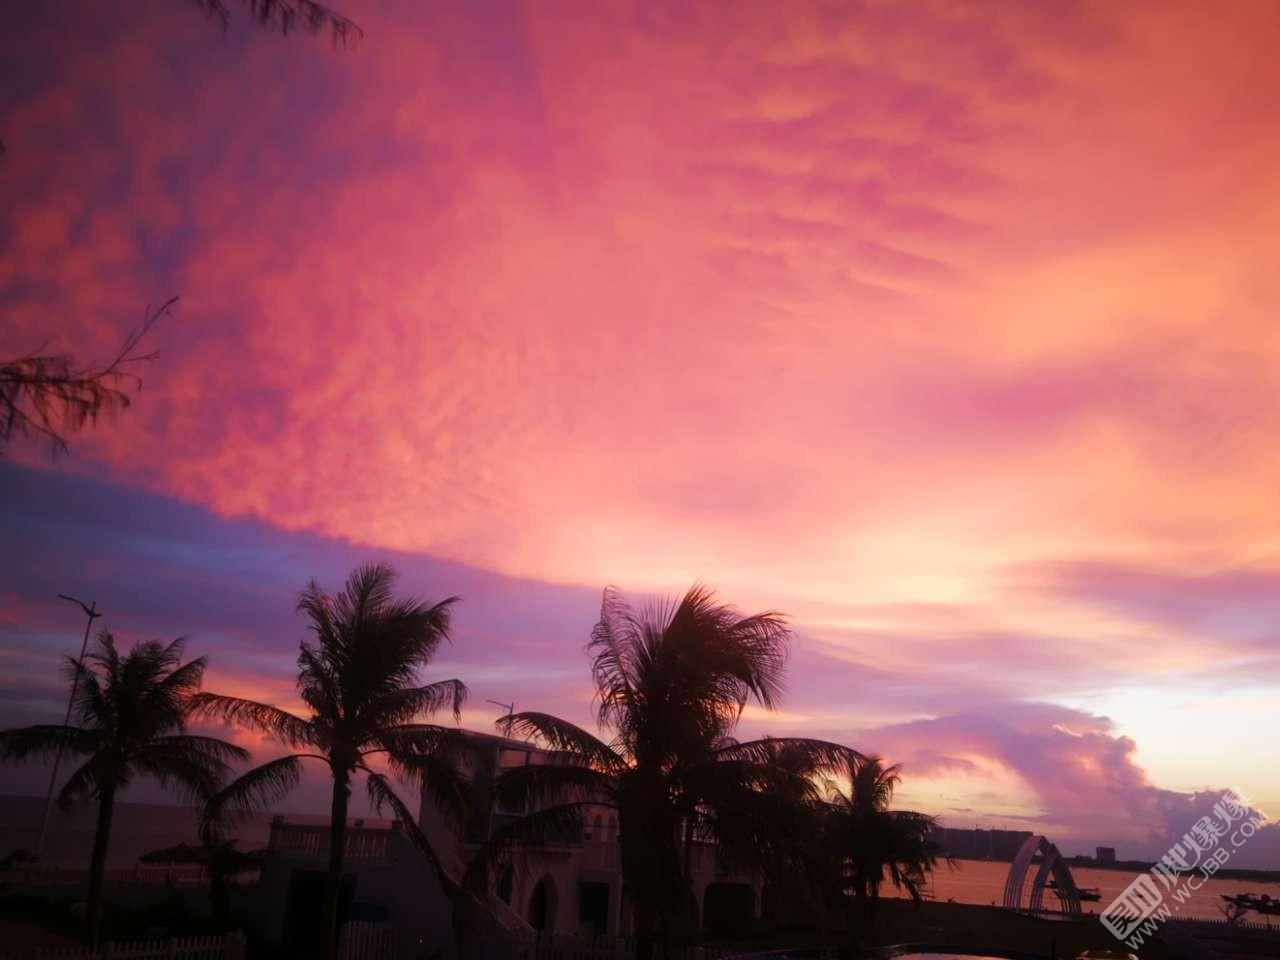 今晚的天空是彩色的